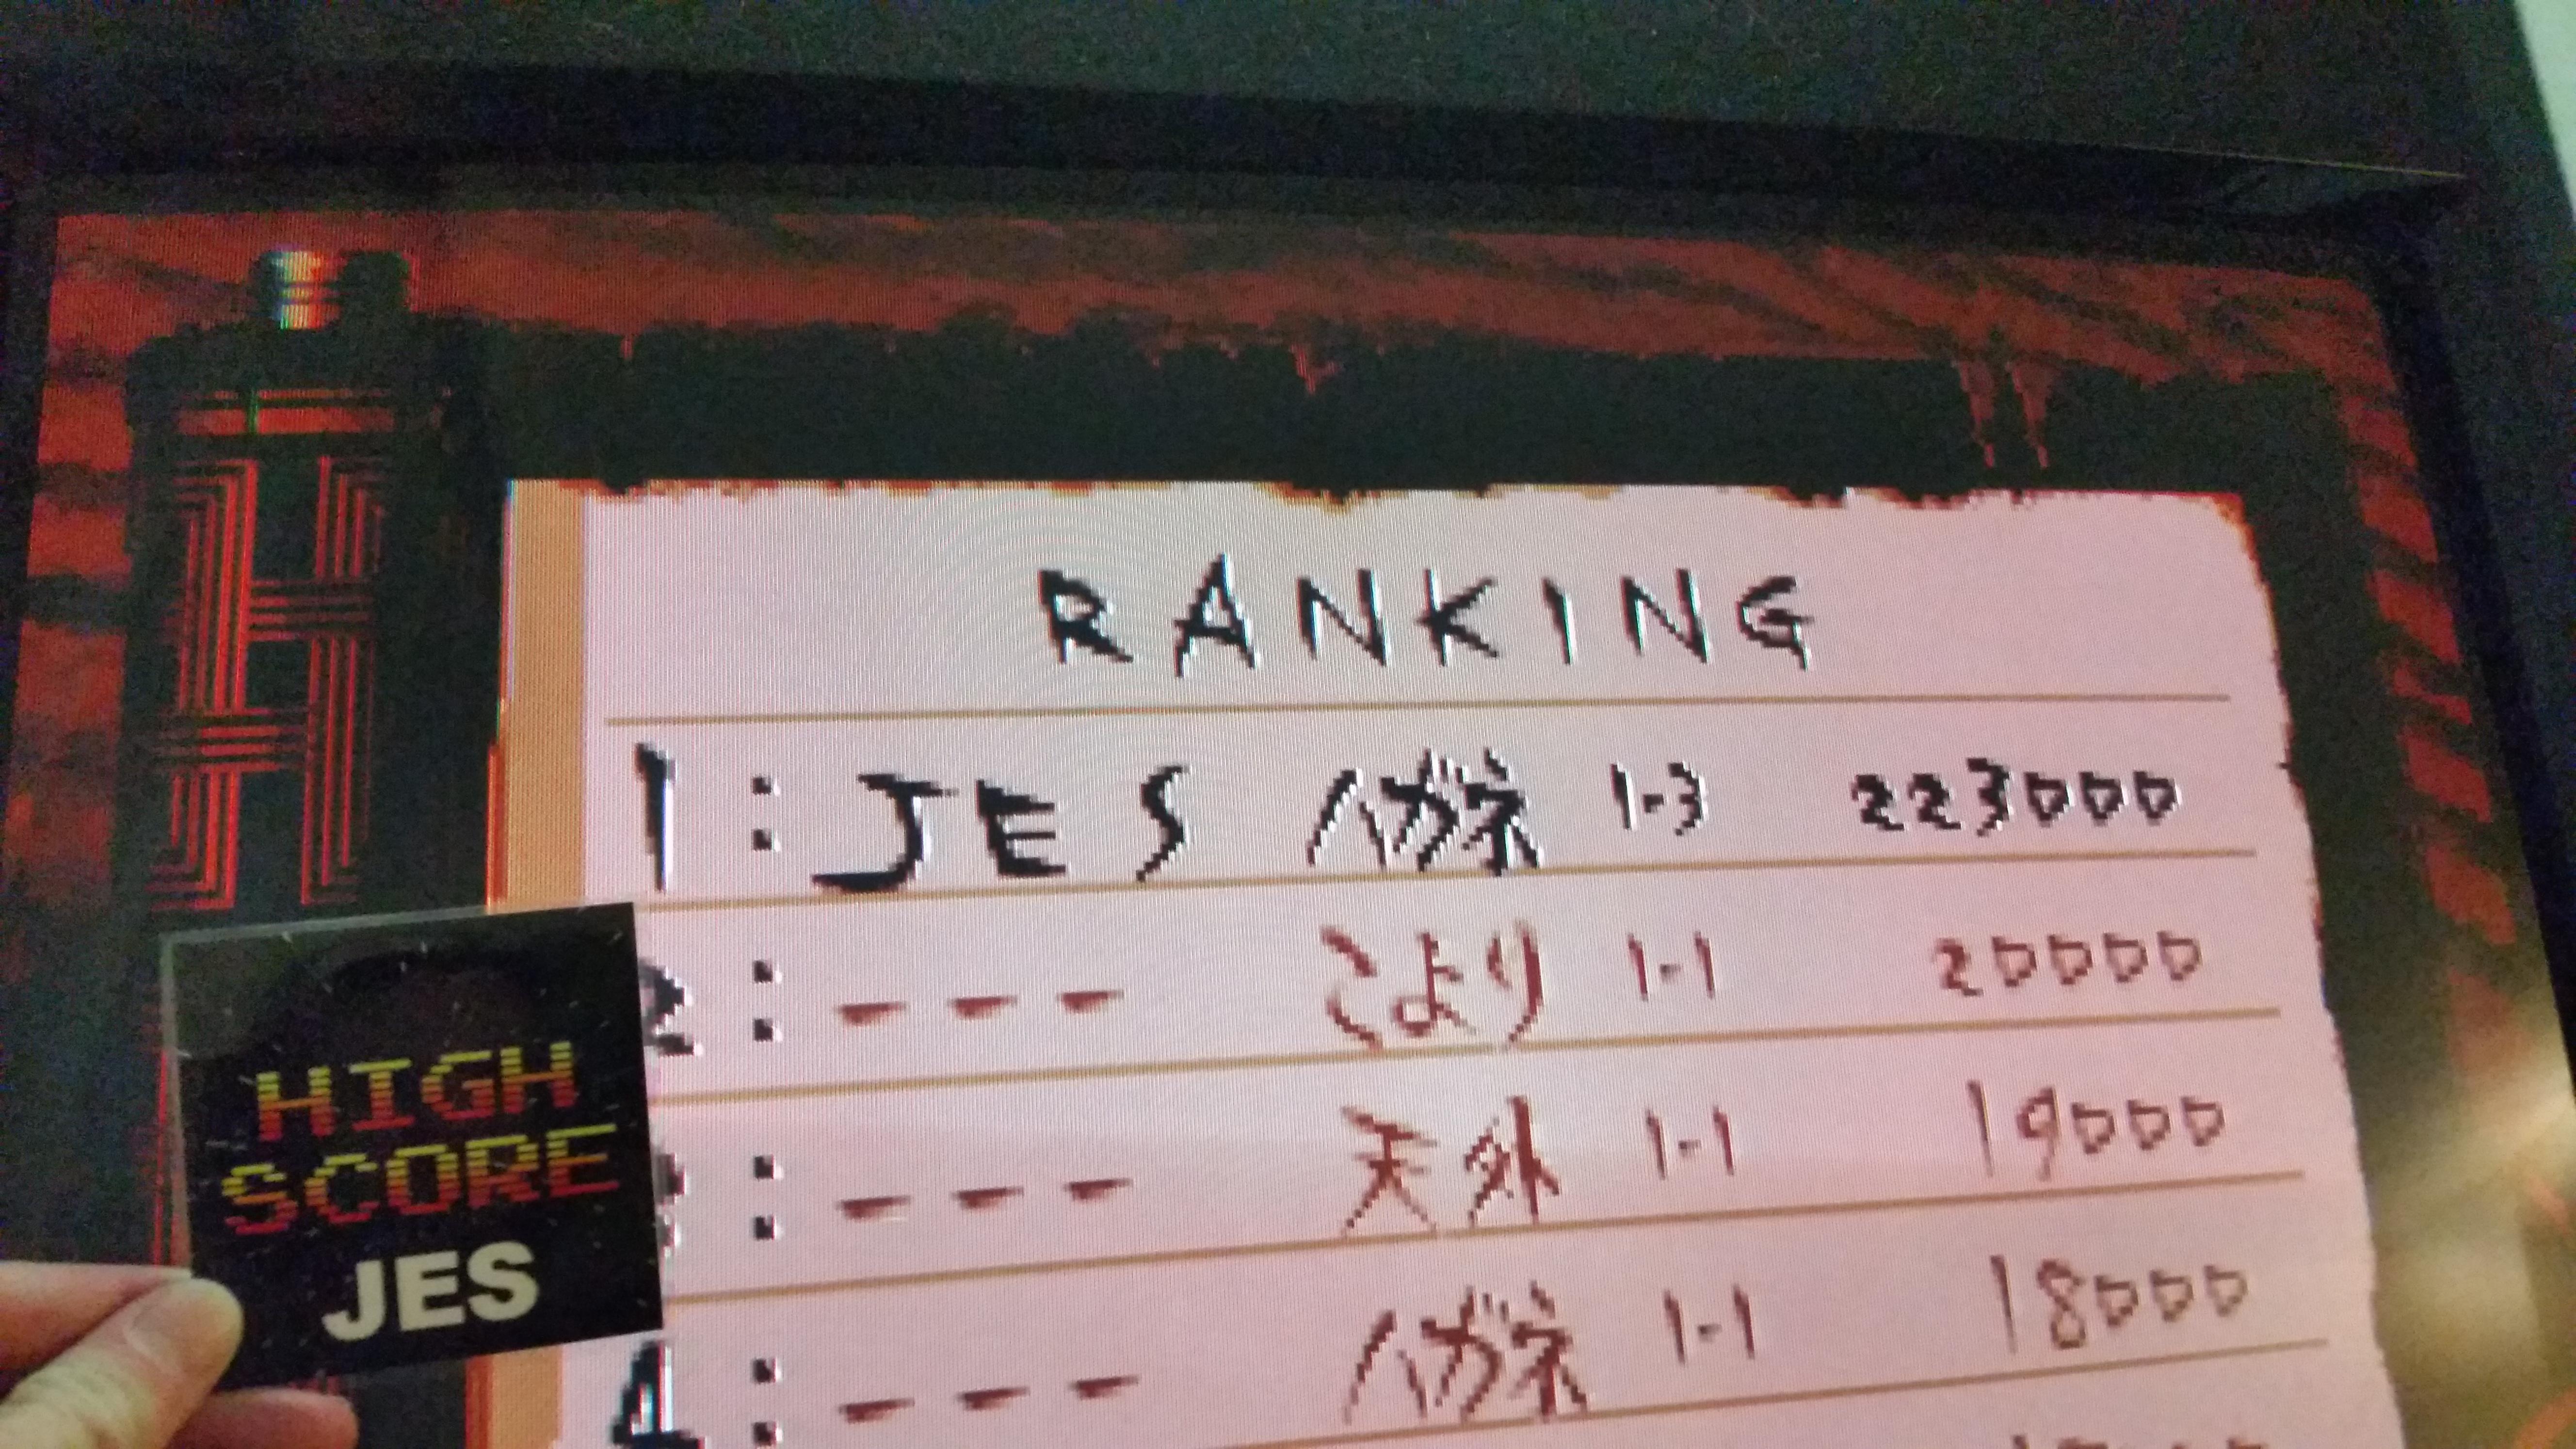 Sengoku Blade: Sengoku Ace Episode II 223,000 points